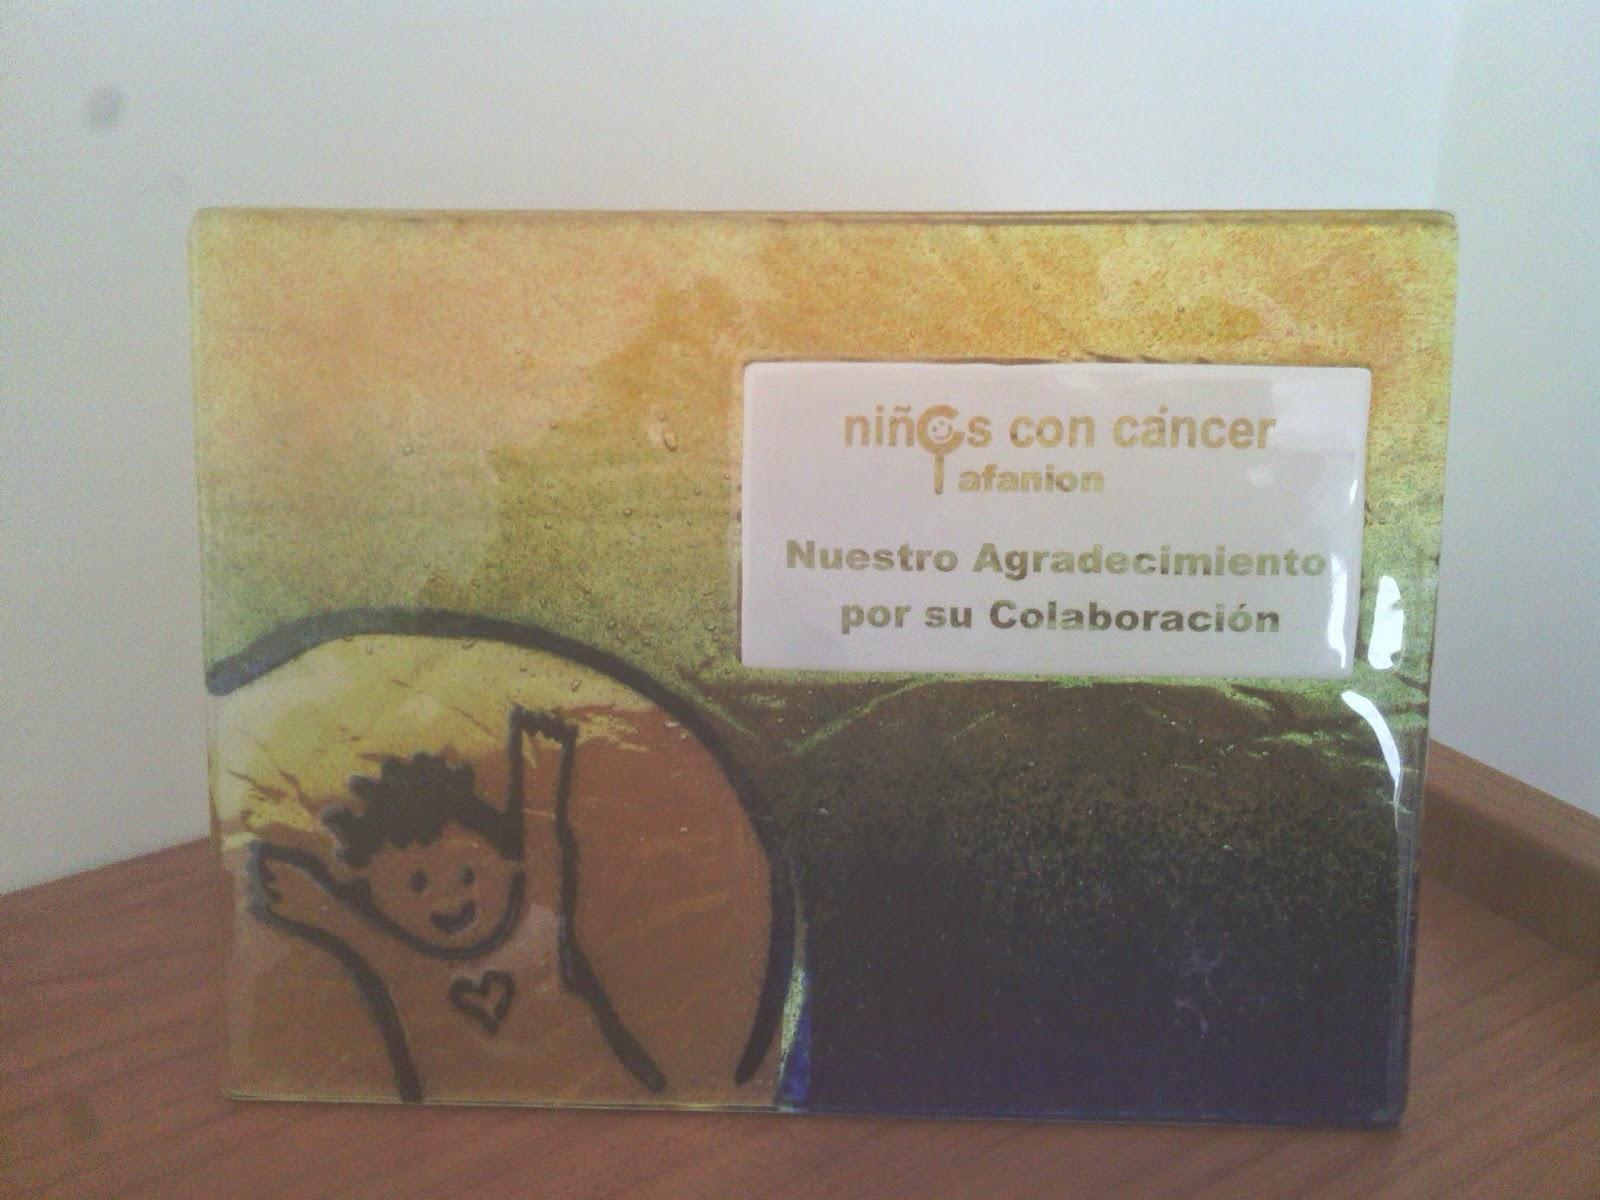 Proyecto Escolar Saludable Pastor Poeta Afaninon Nos Otorga Una